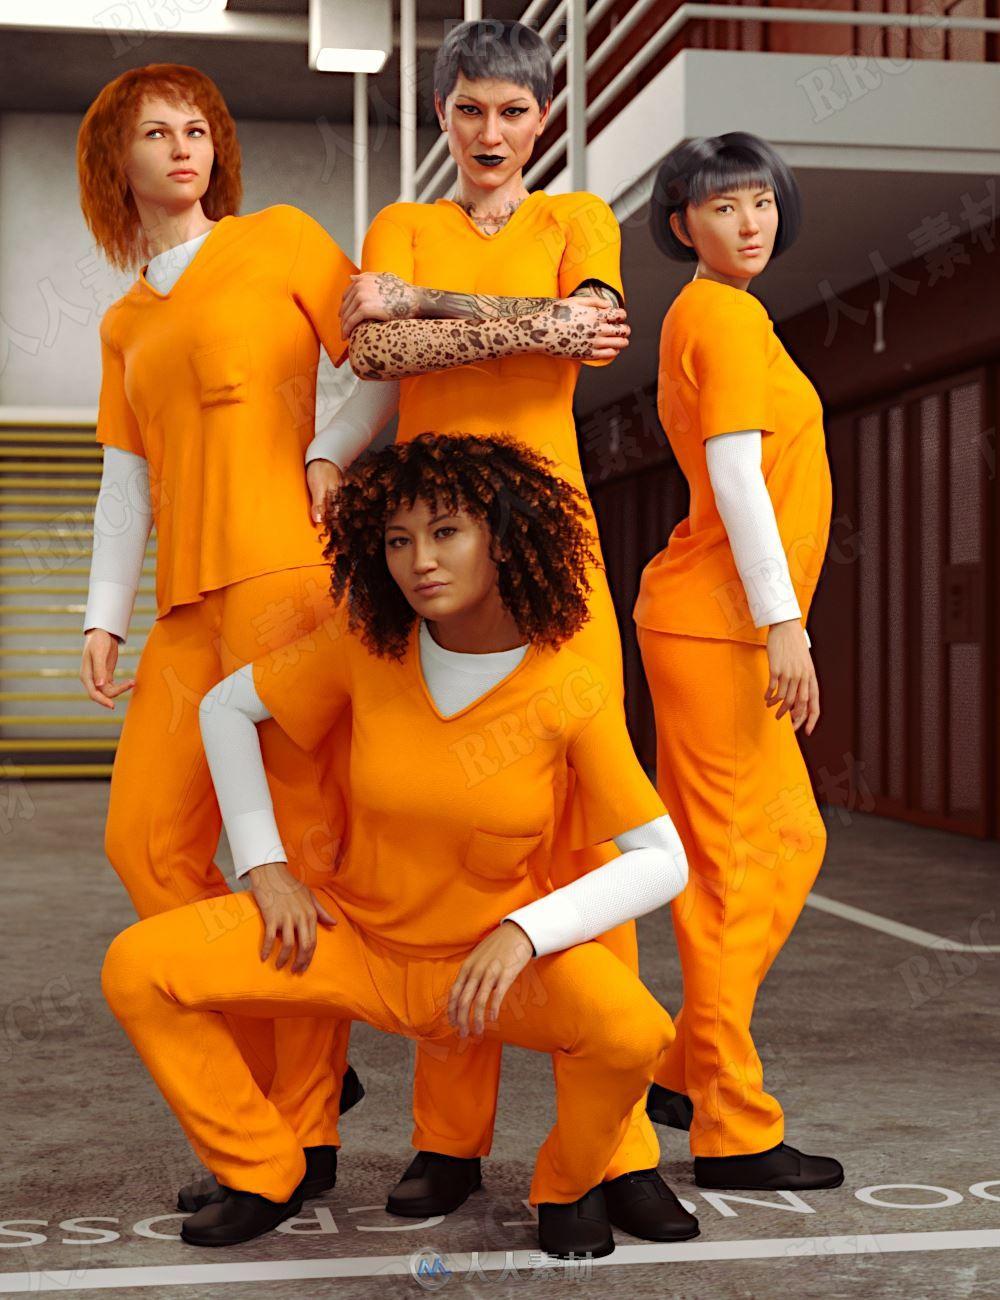 监狱犯人女性囚服服饰套装3D模型合集